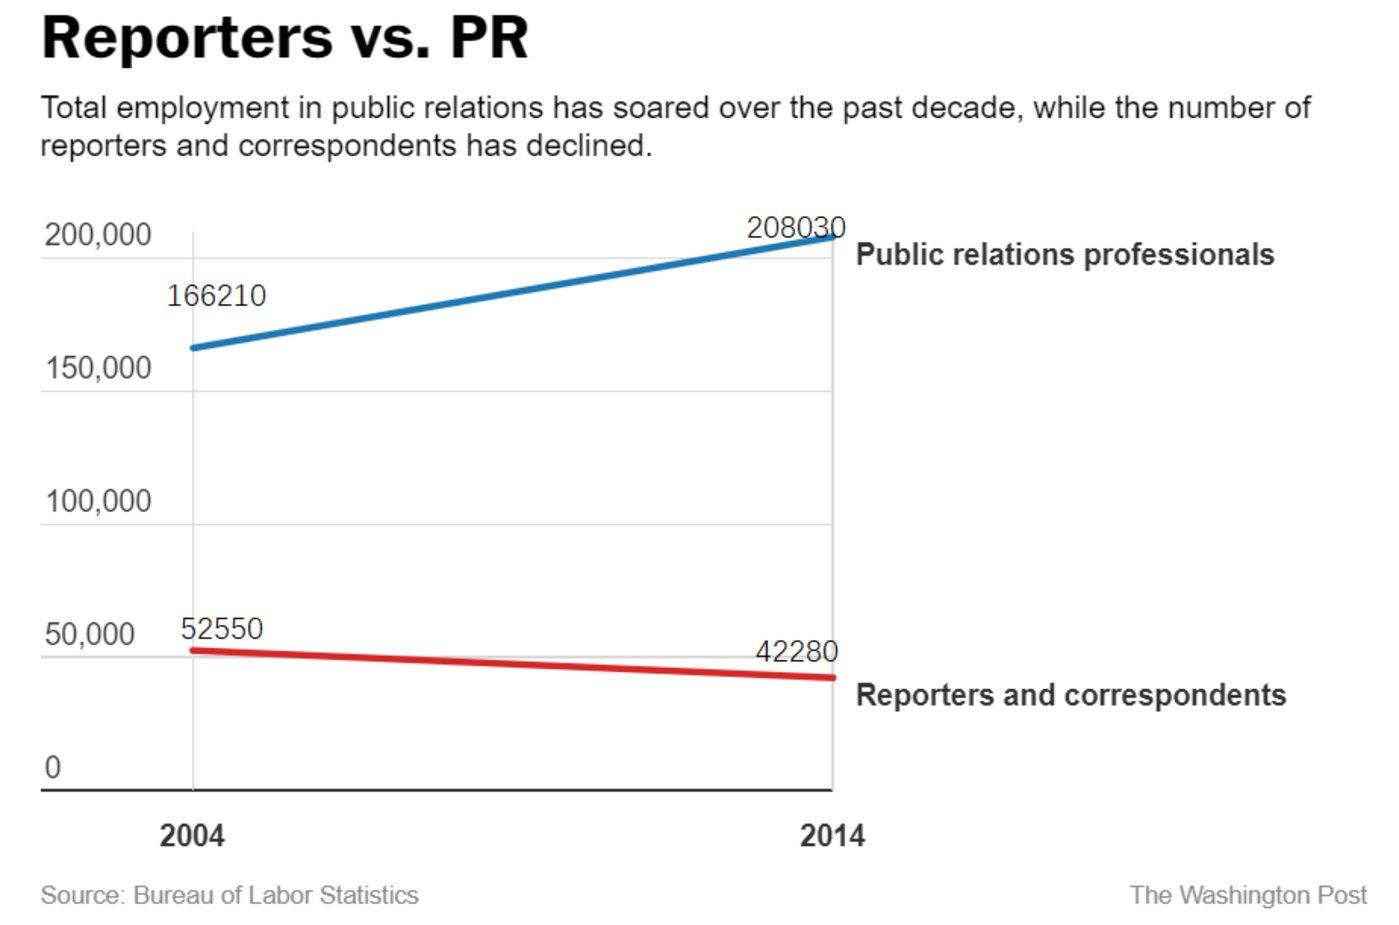 媒体与公关从业人数对比